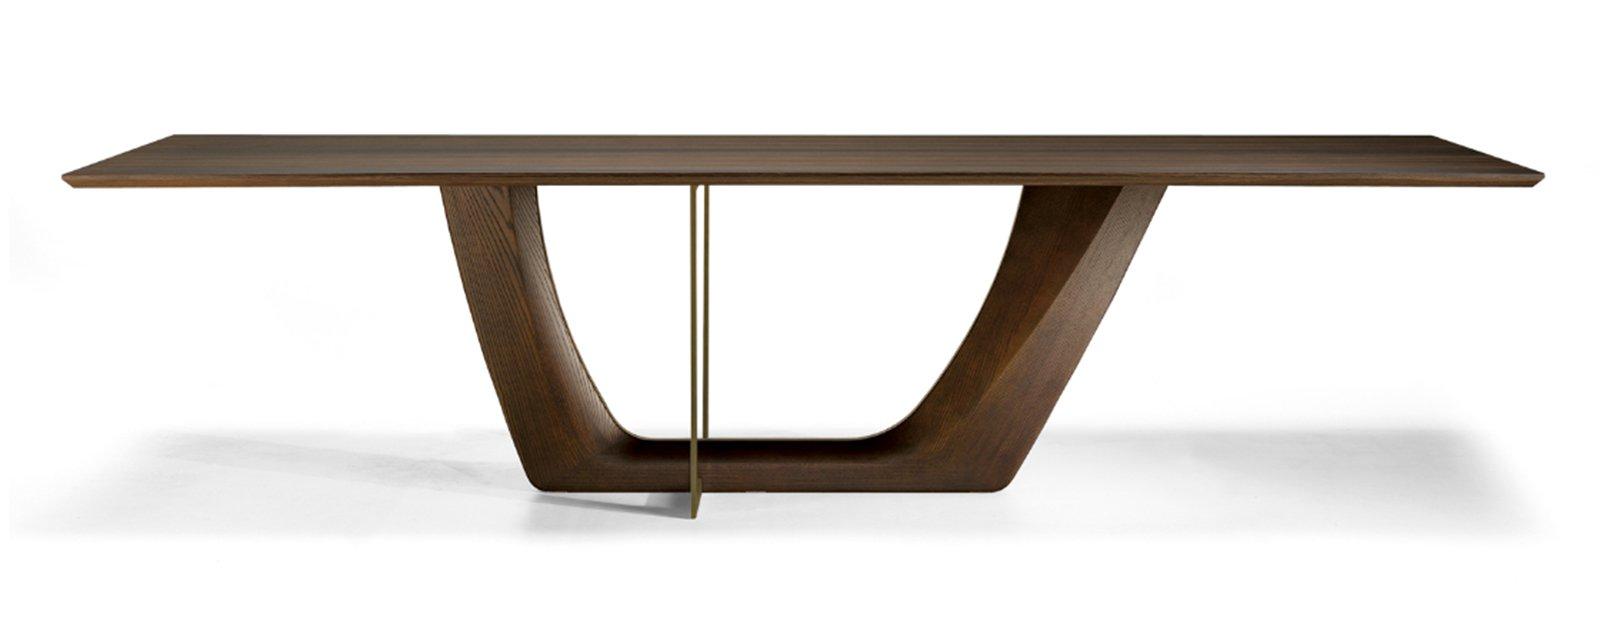 Tavolo Con Piede Centrale tavoli con sostegno centrale - cose di casa